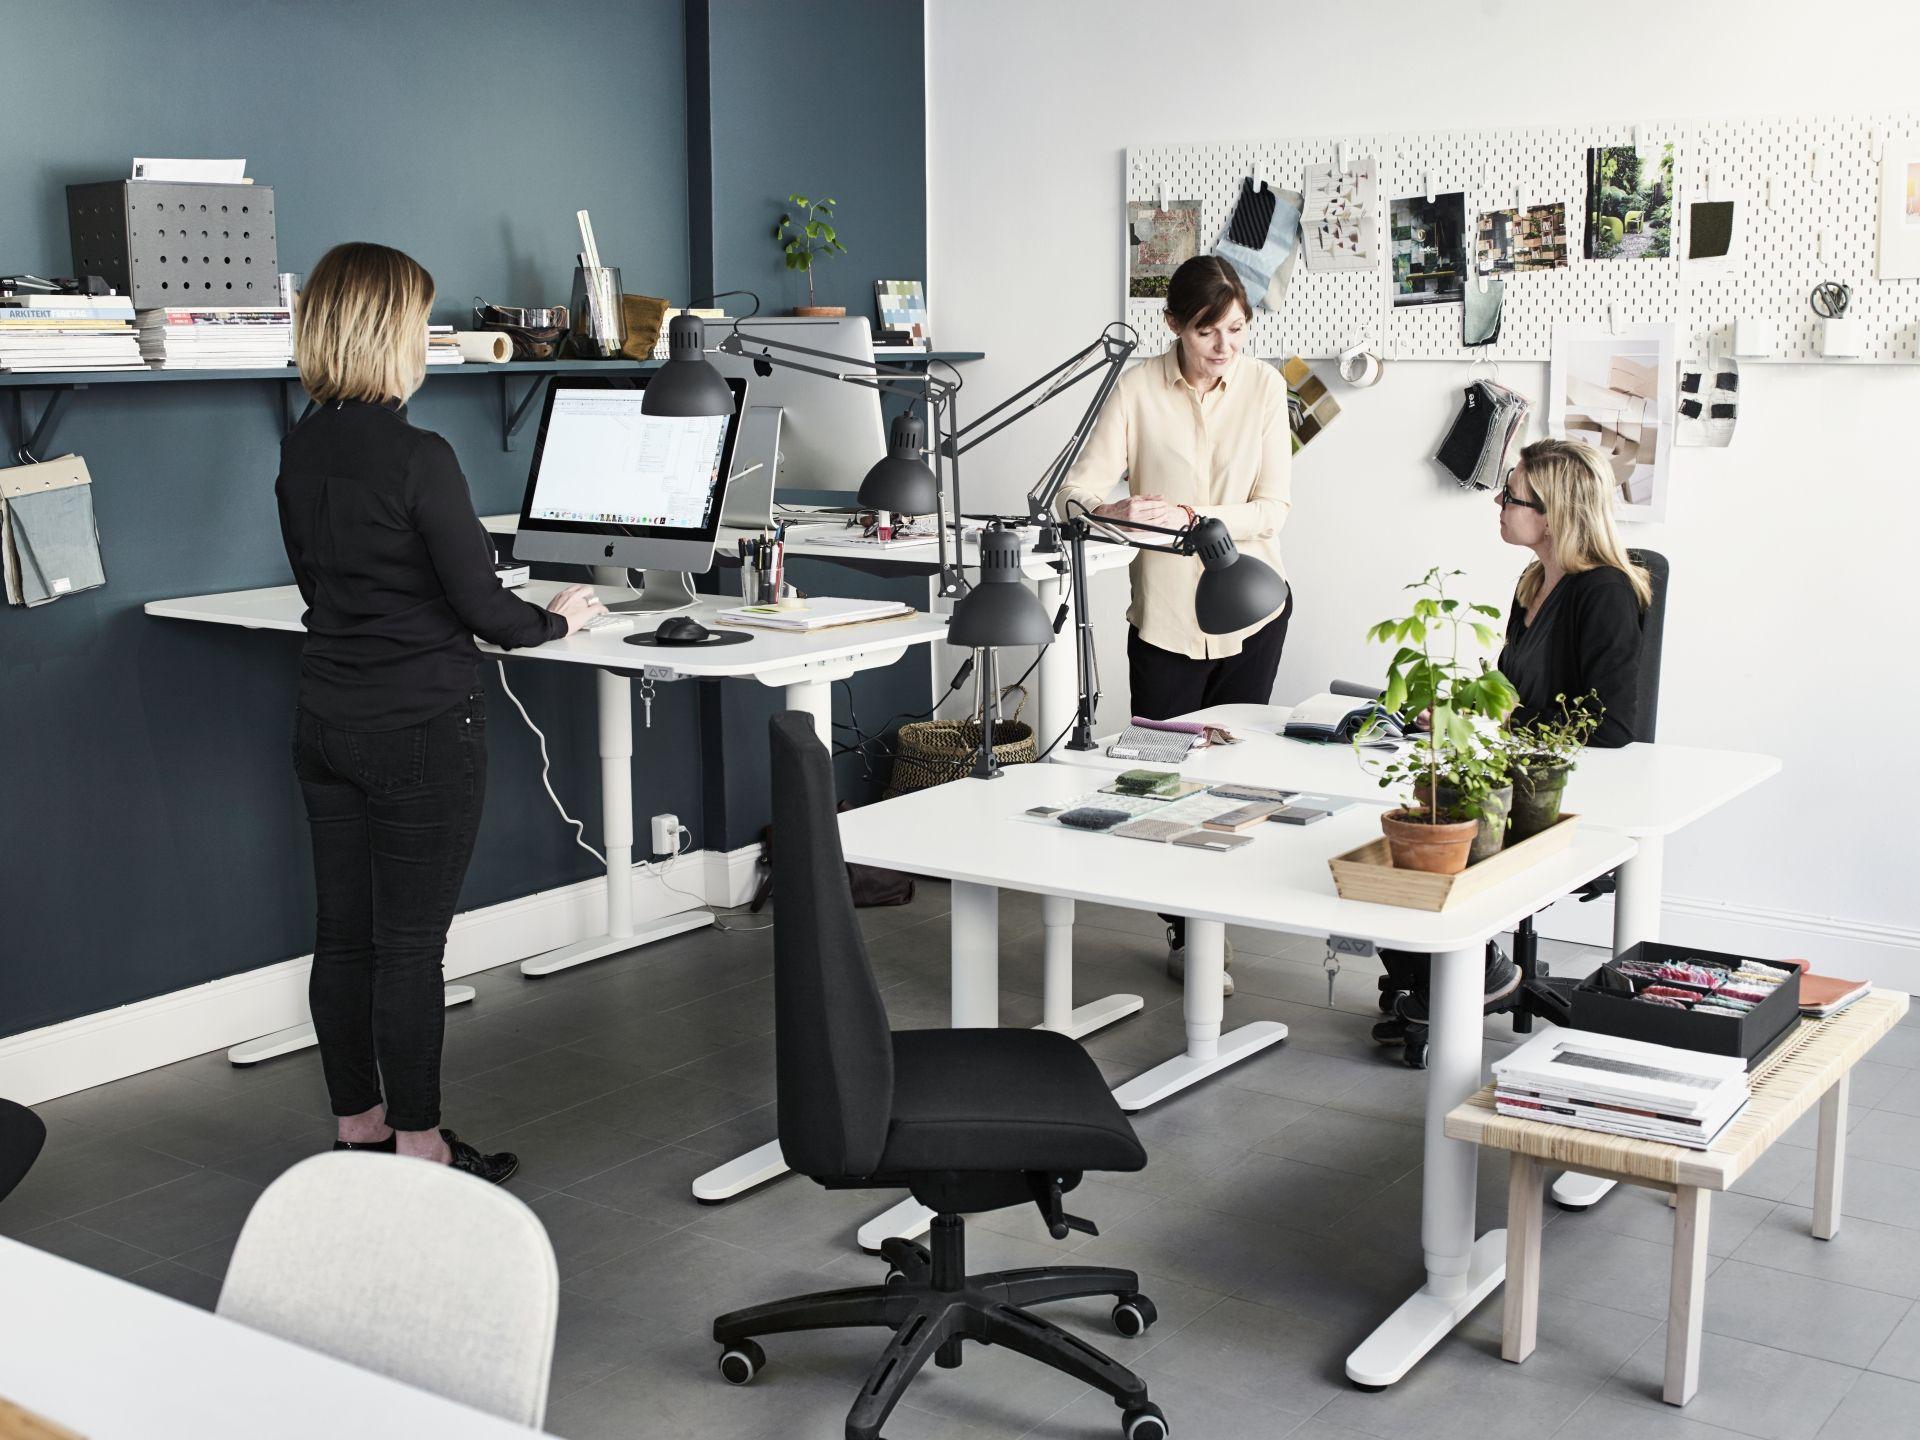 Bekant zit sta bureau ikea ikeanl ikeanederland bureaus werkplek